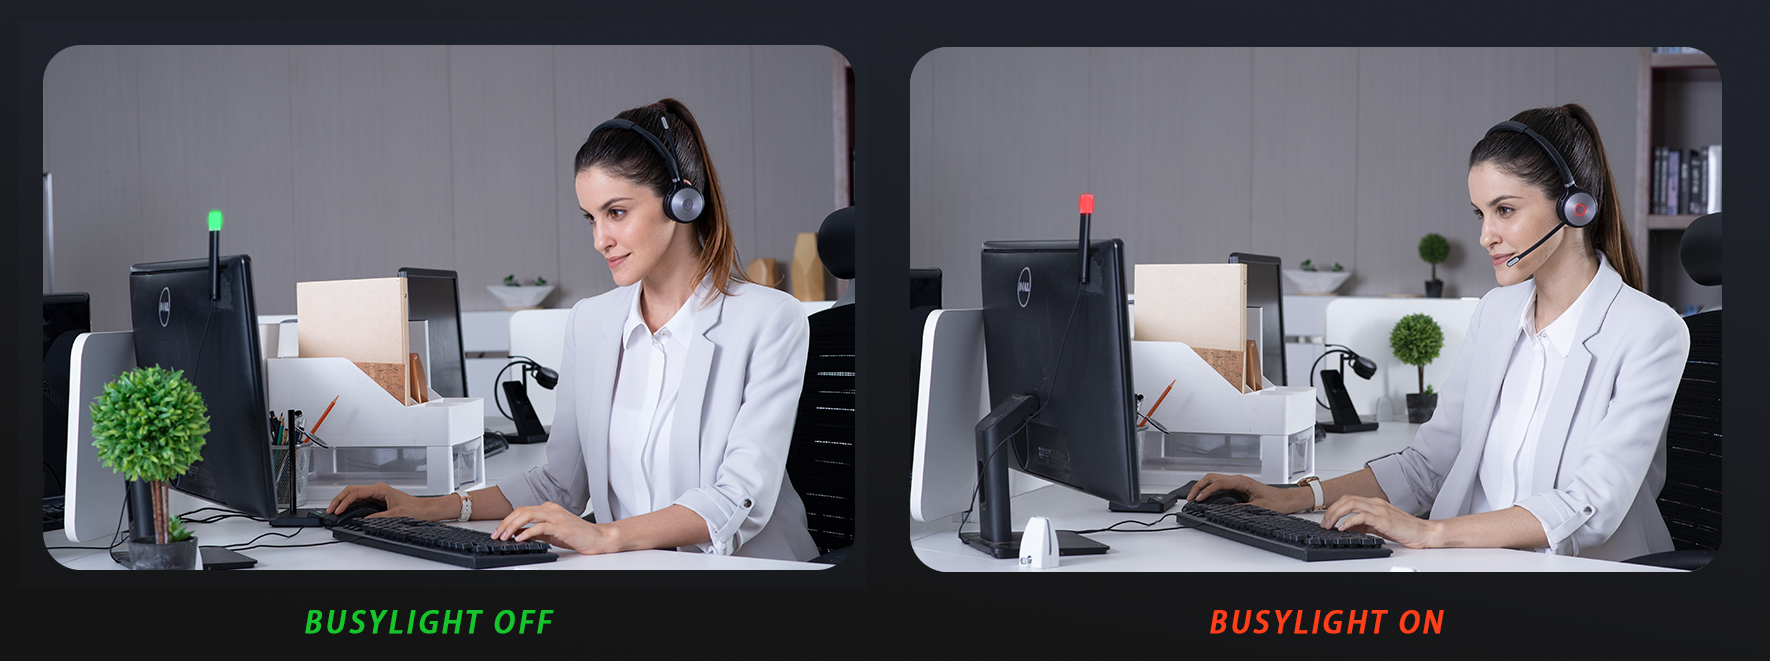 Yealink WH67 Premium DECT Wireless Headset - Sipmax Hong Kong - 香港代理